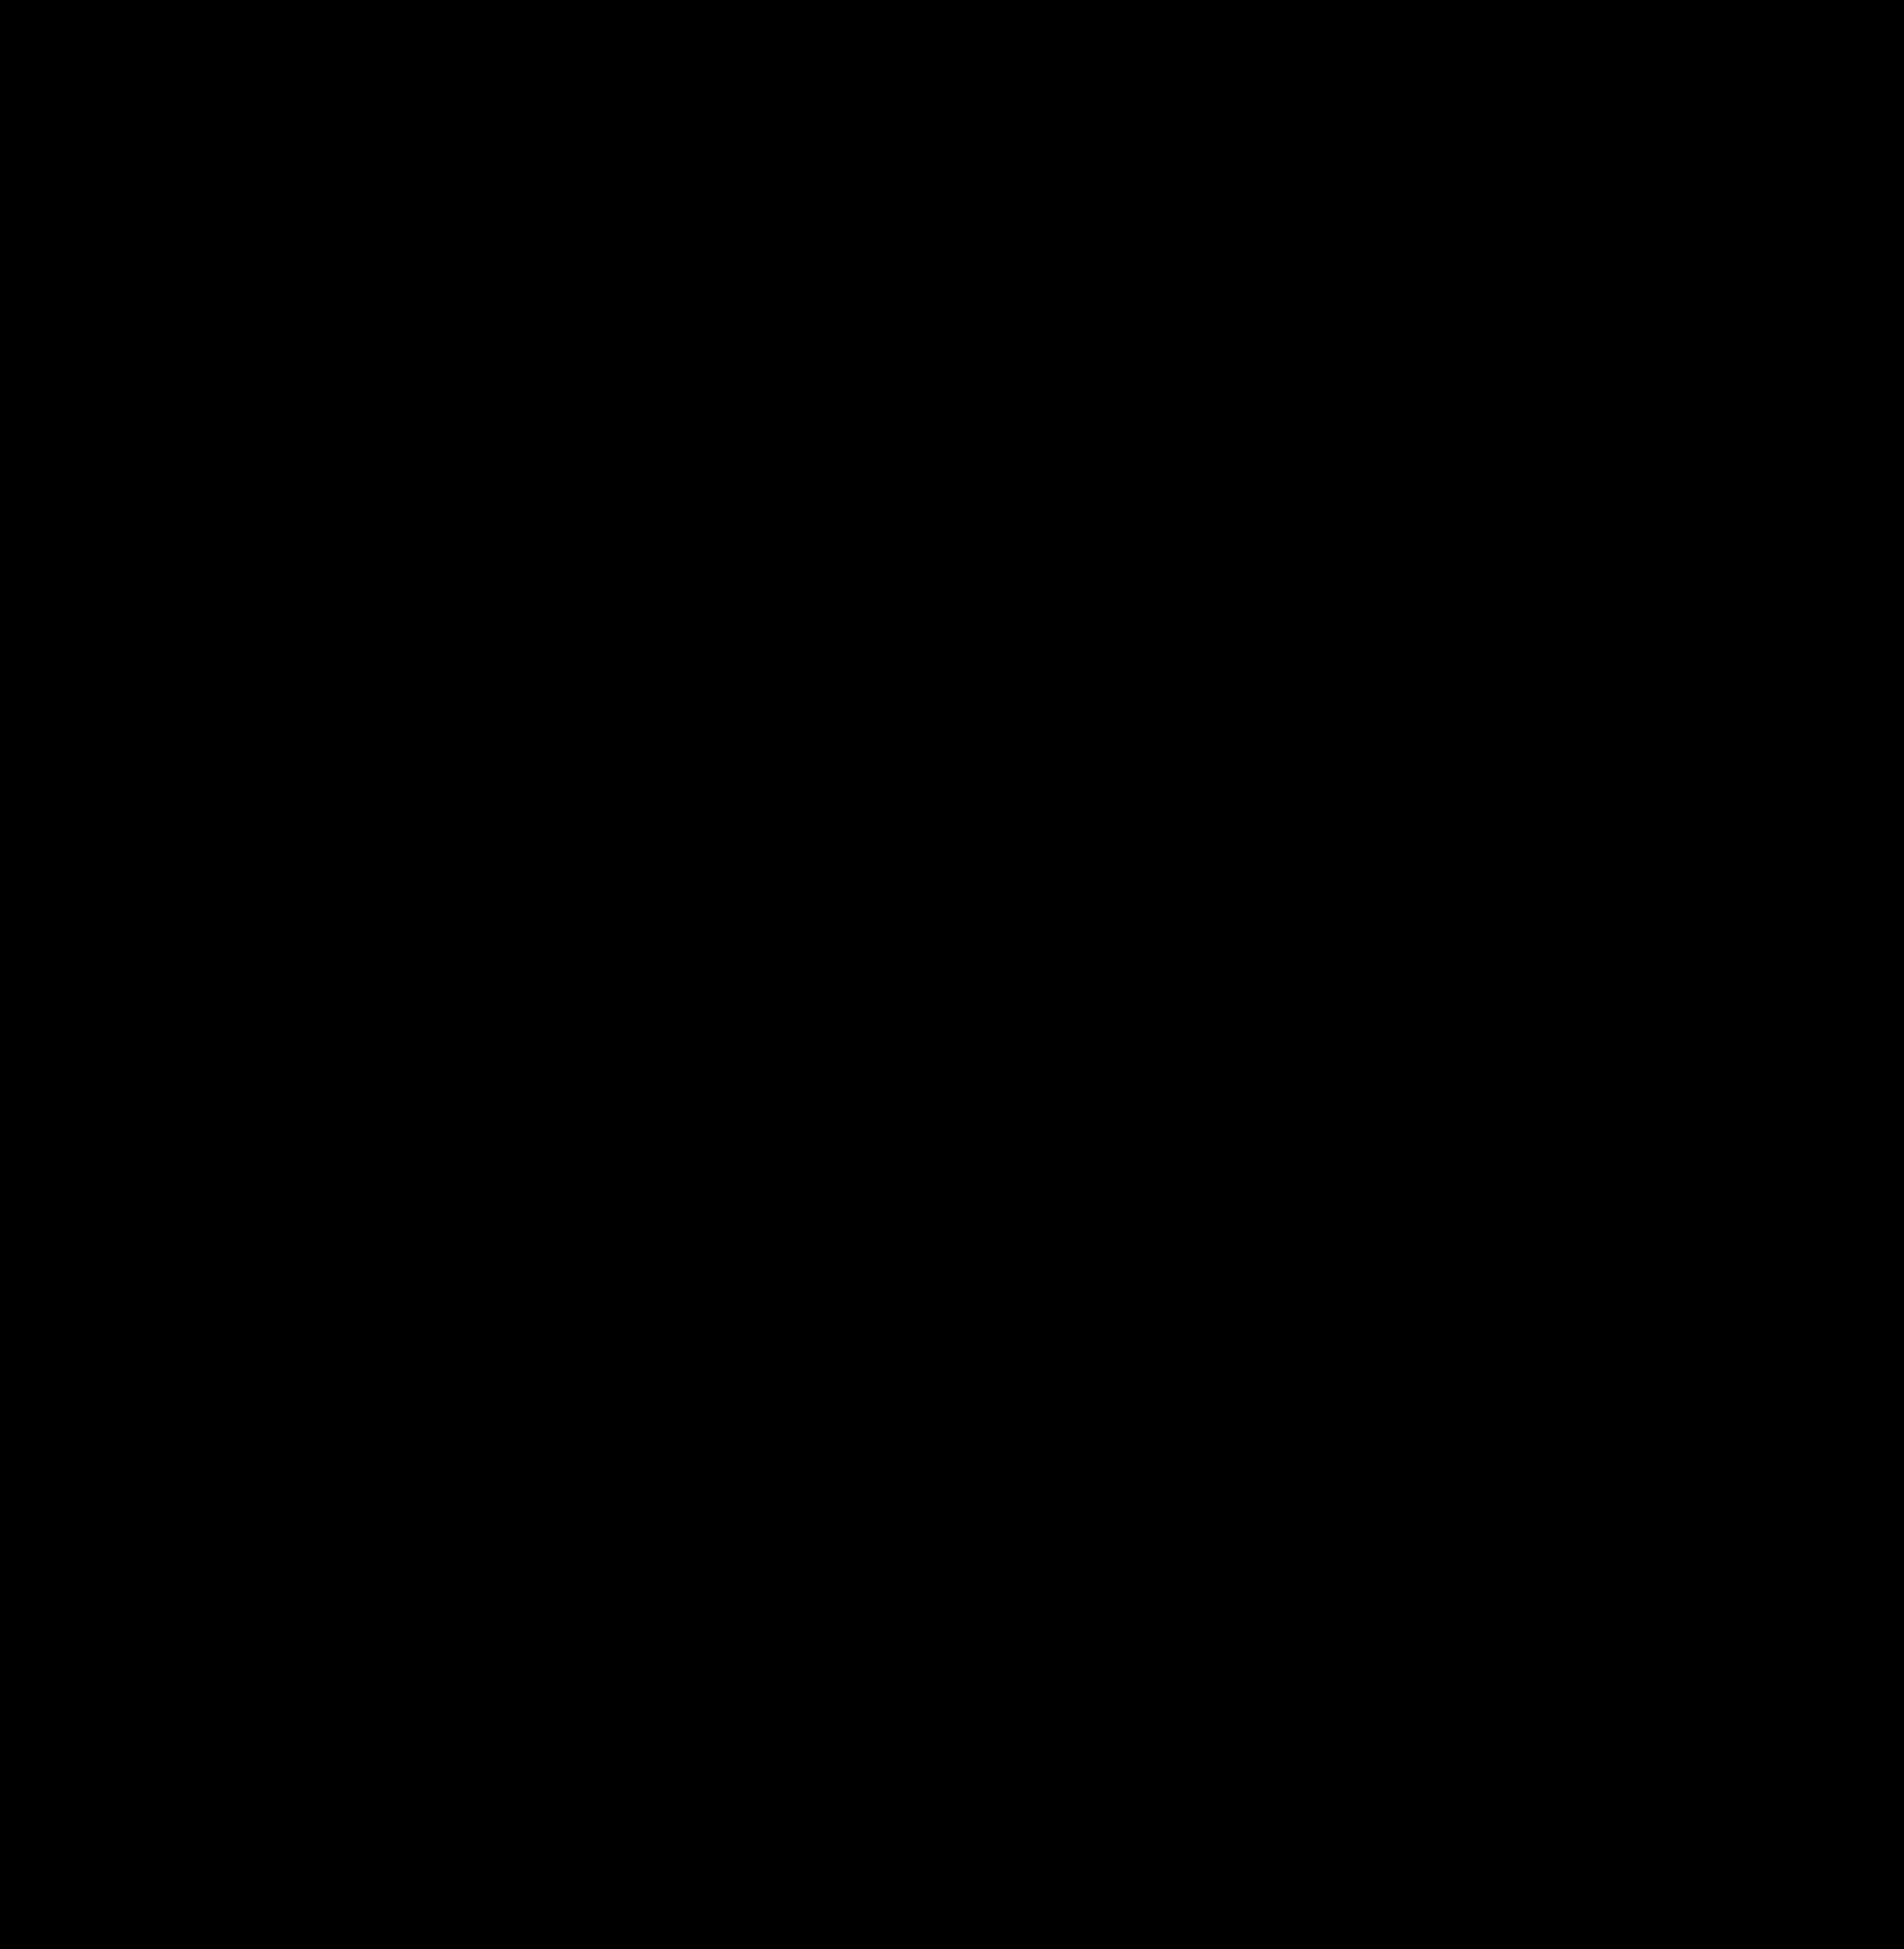 Line clipart line segment. File rule half circle